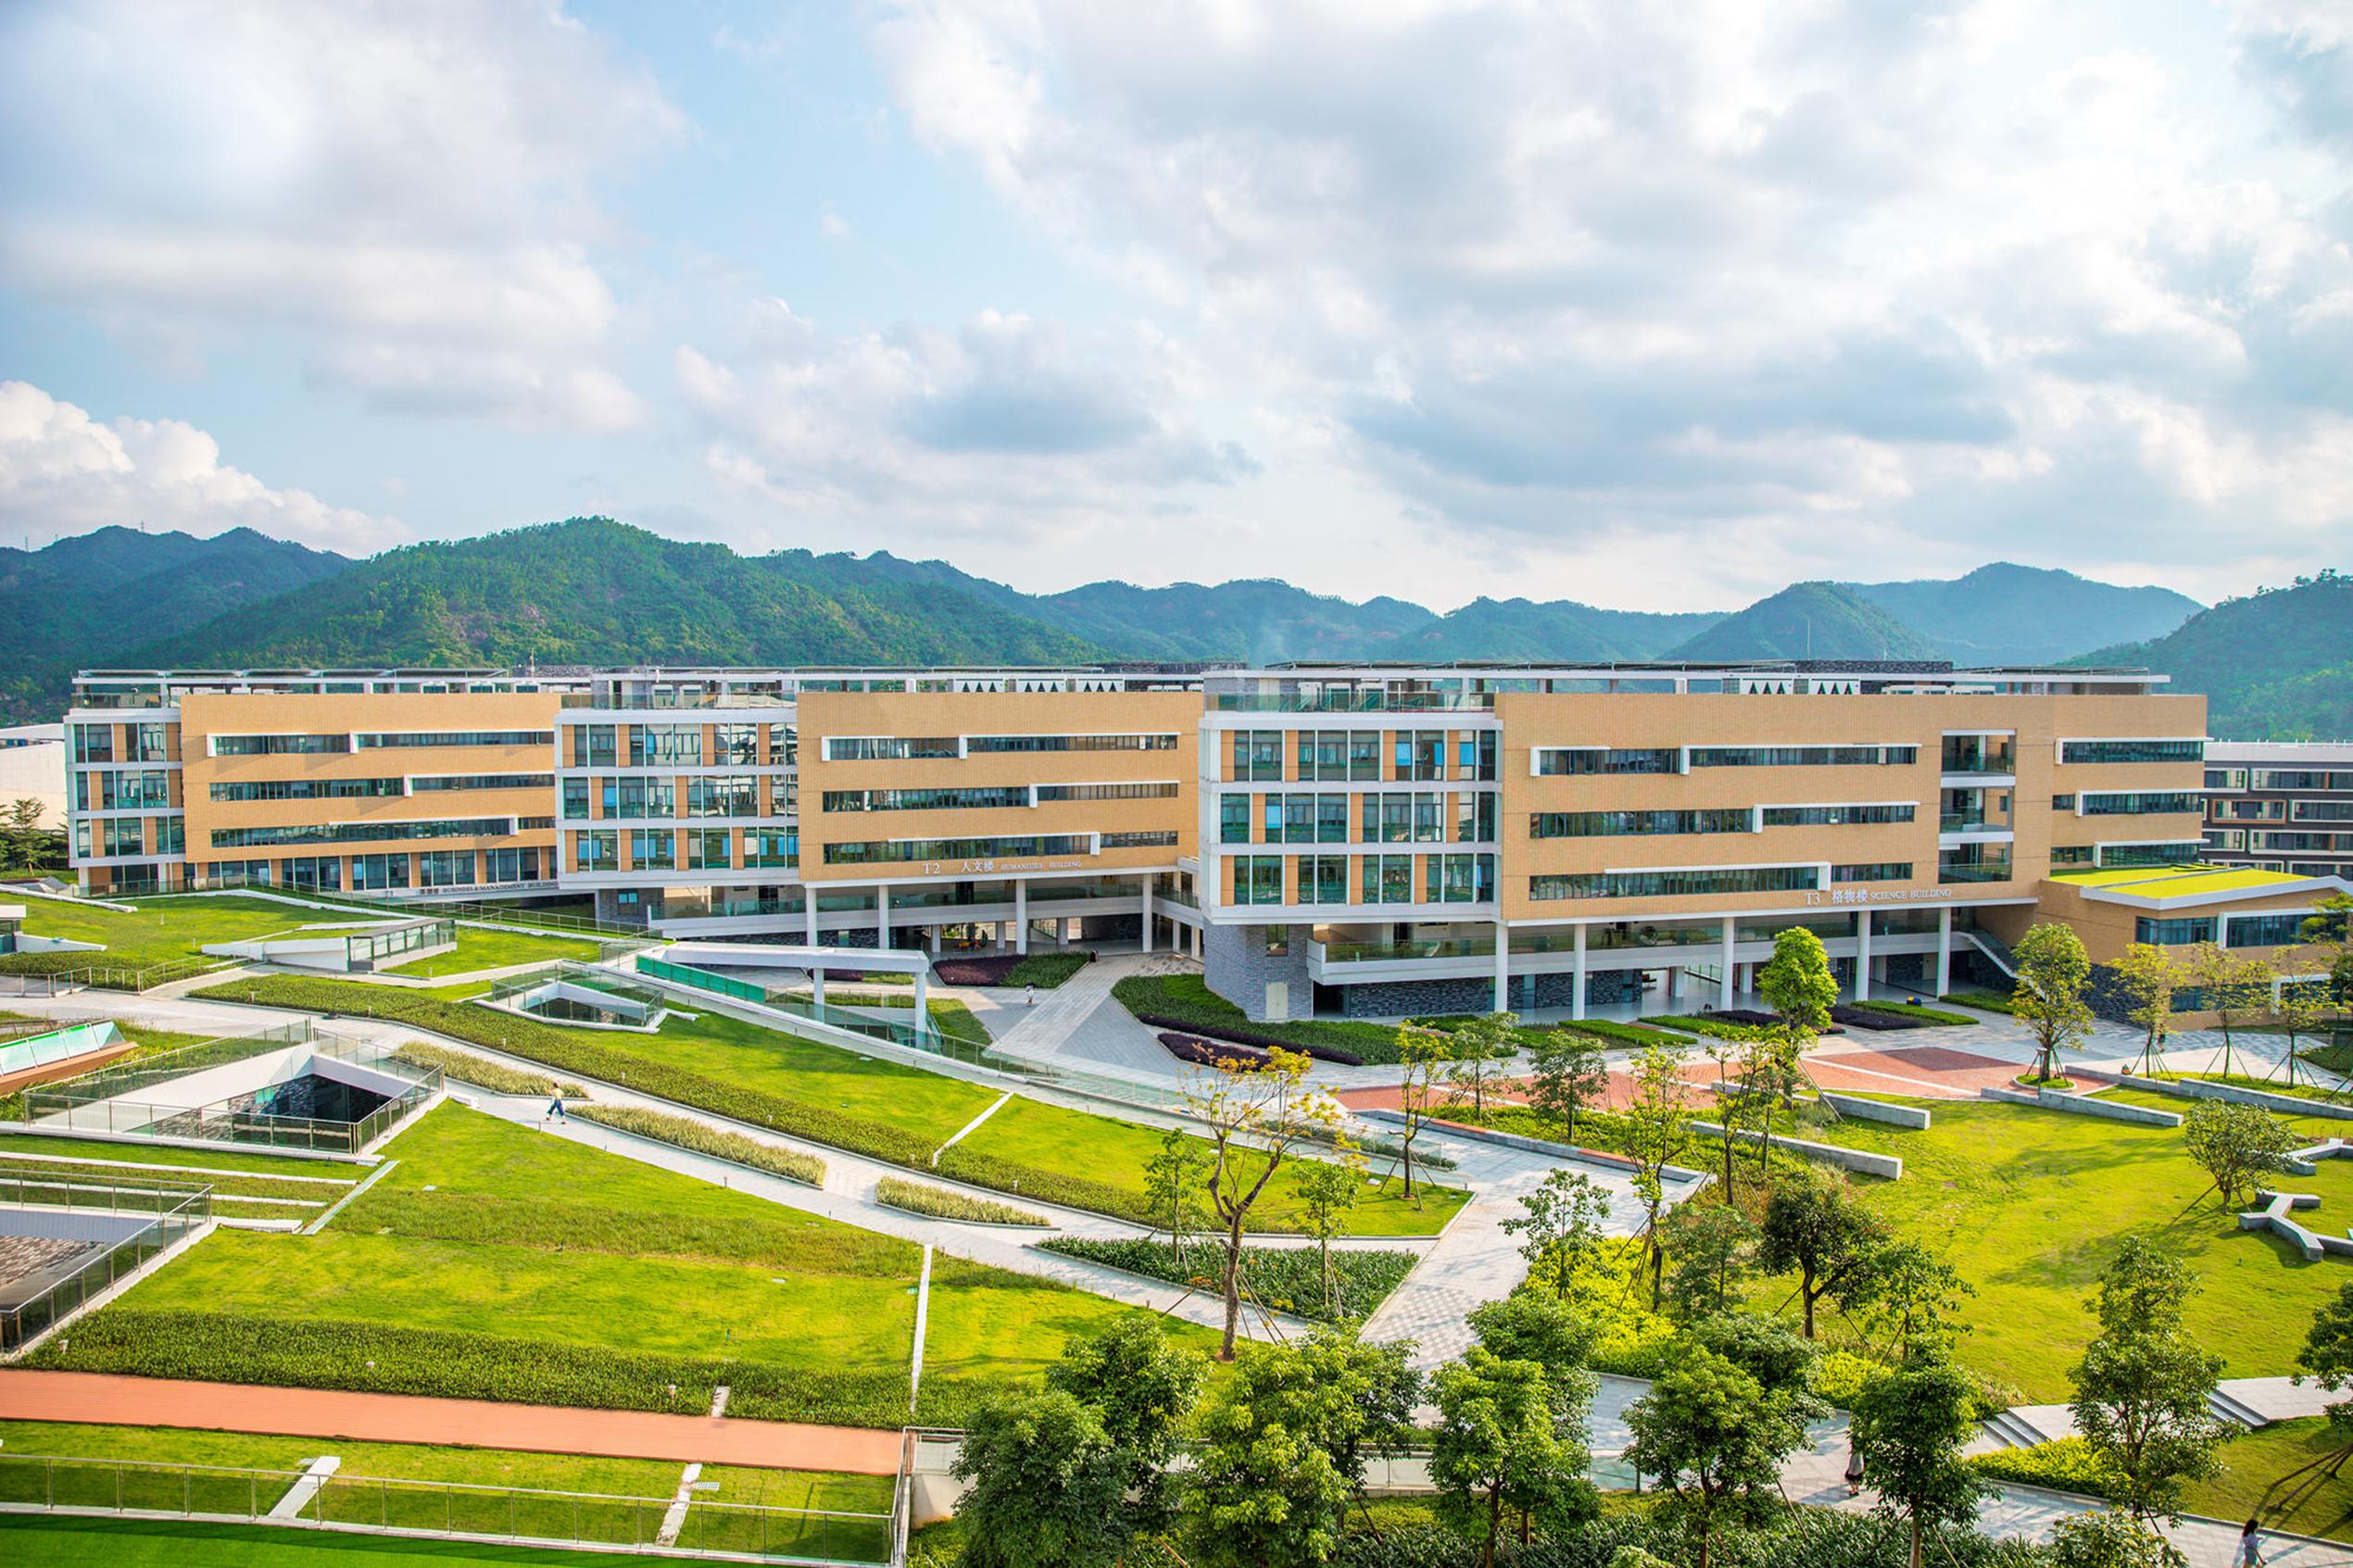 北師港浸大為首間中港合辦的大學,位於珠海,實施博雅及英文教學。(網上圖片)